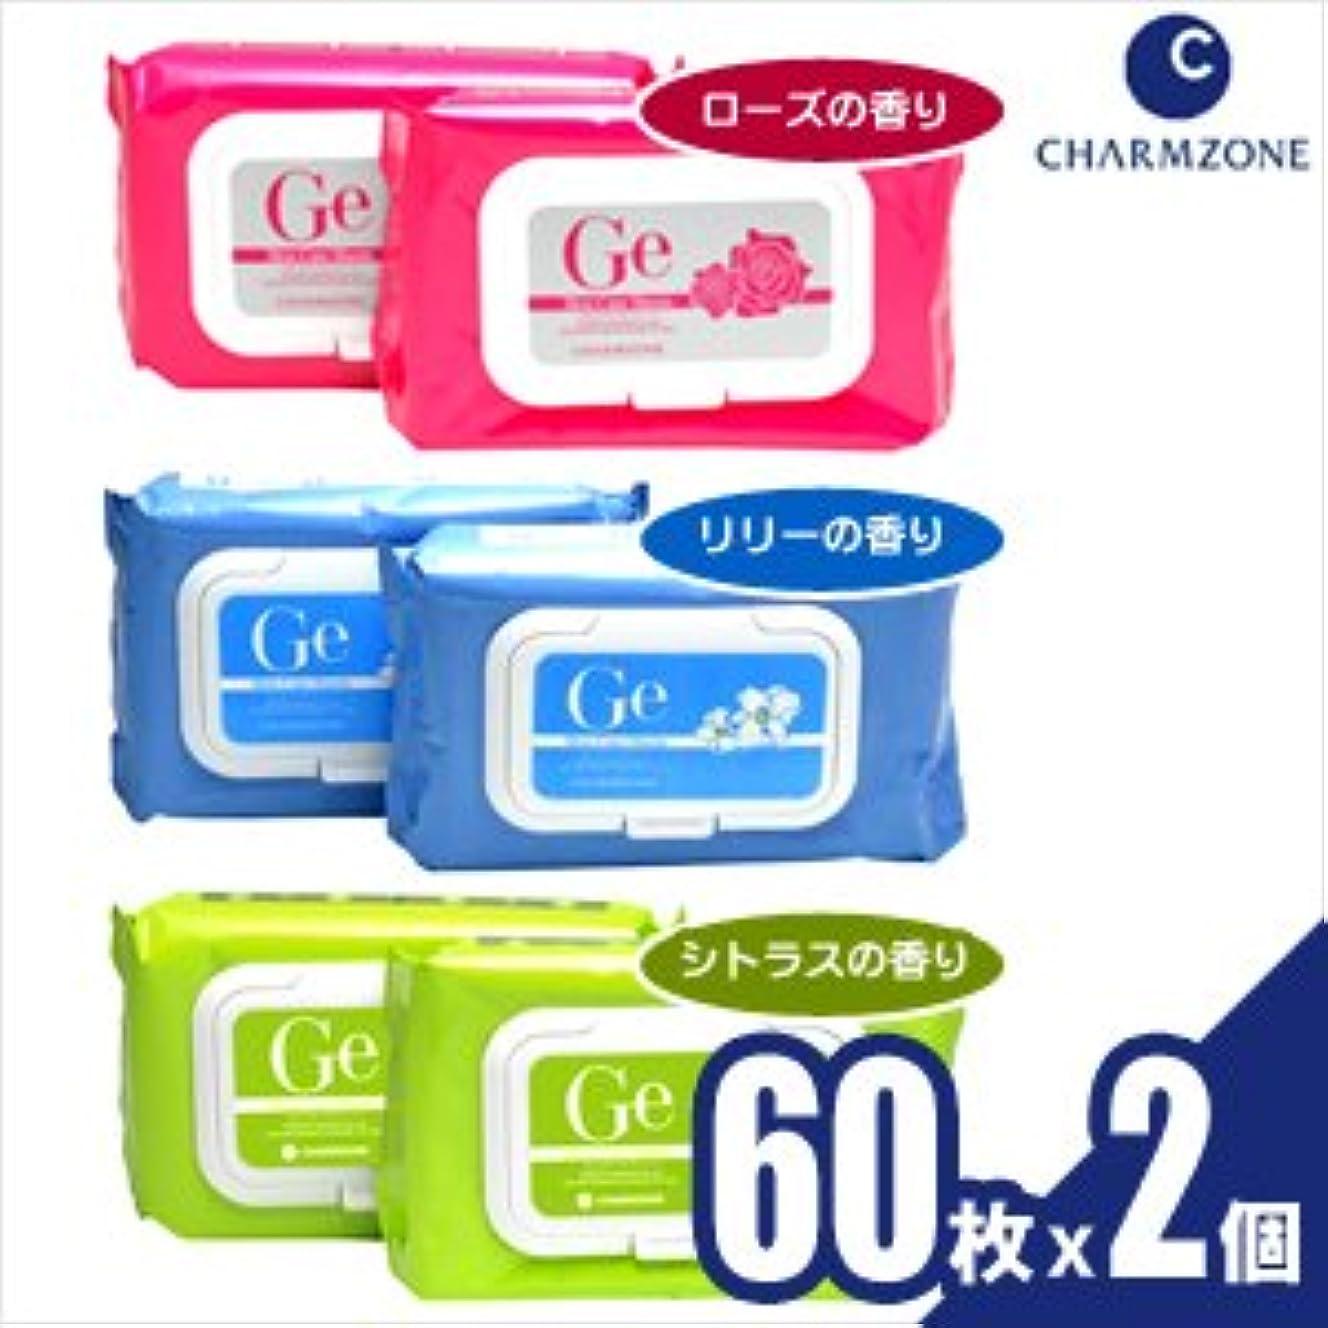 浴室残り物ヒゲチャームゾーン Geスキンケアシート 60枚入×2個 (リリーの香り)